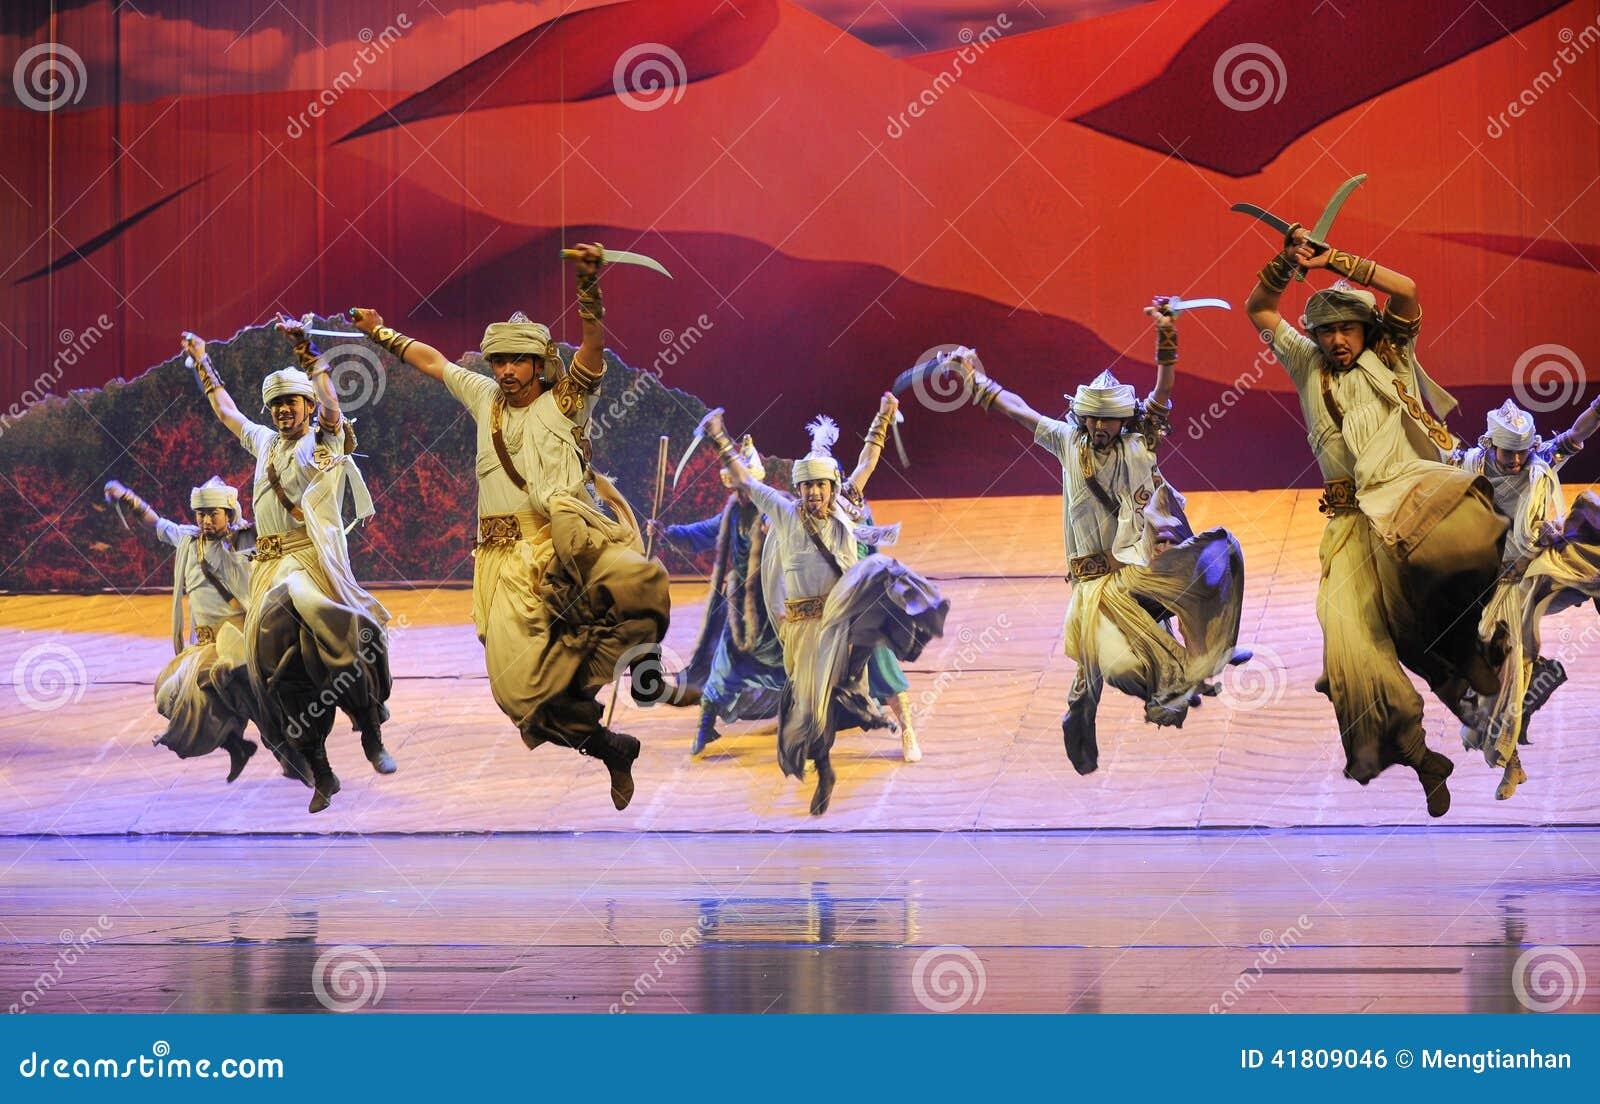 短弯刀舞蹈惠山在贺兰的芭蕾月亮